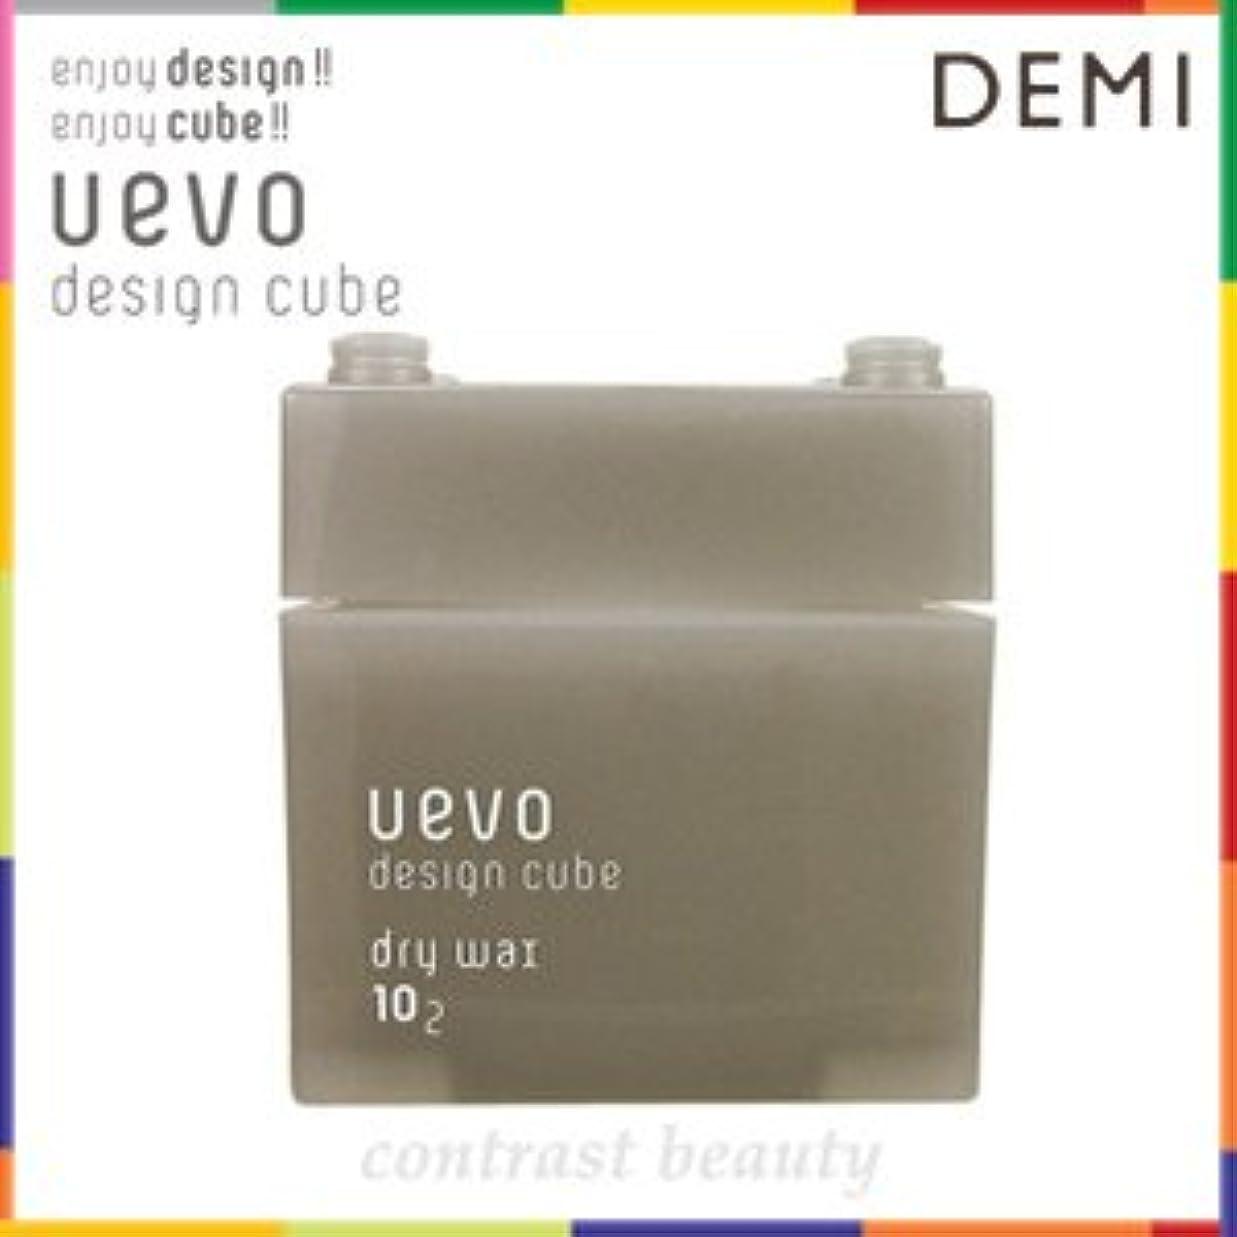 ストローク急速なジャニス【X4個セット】 デミ ウェーボ デザインキューブ ドライワックス 80g dry wax DEMI uevo design cube